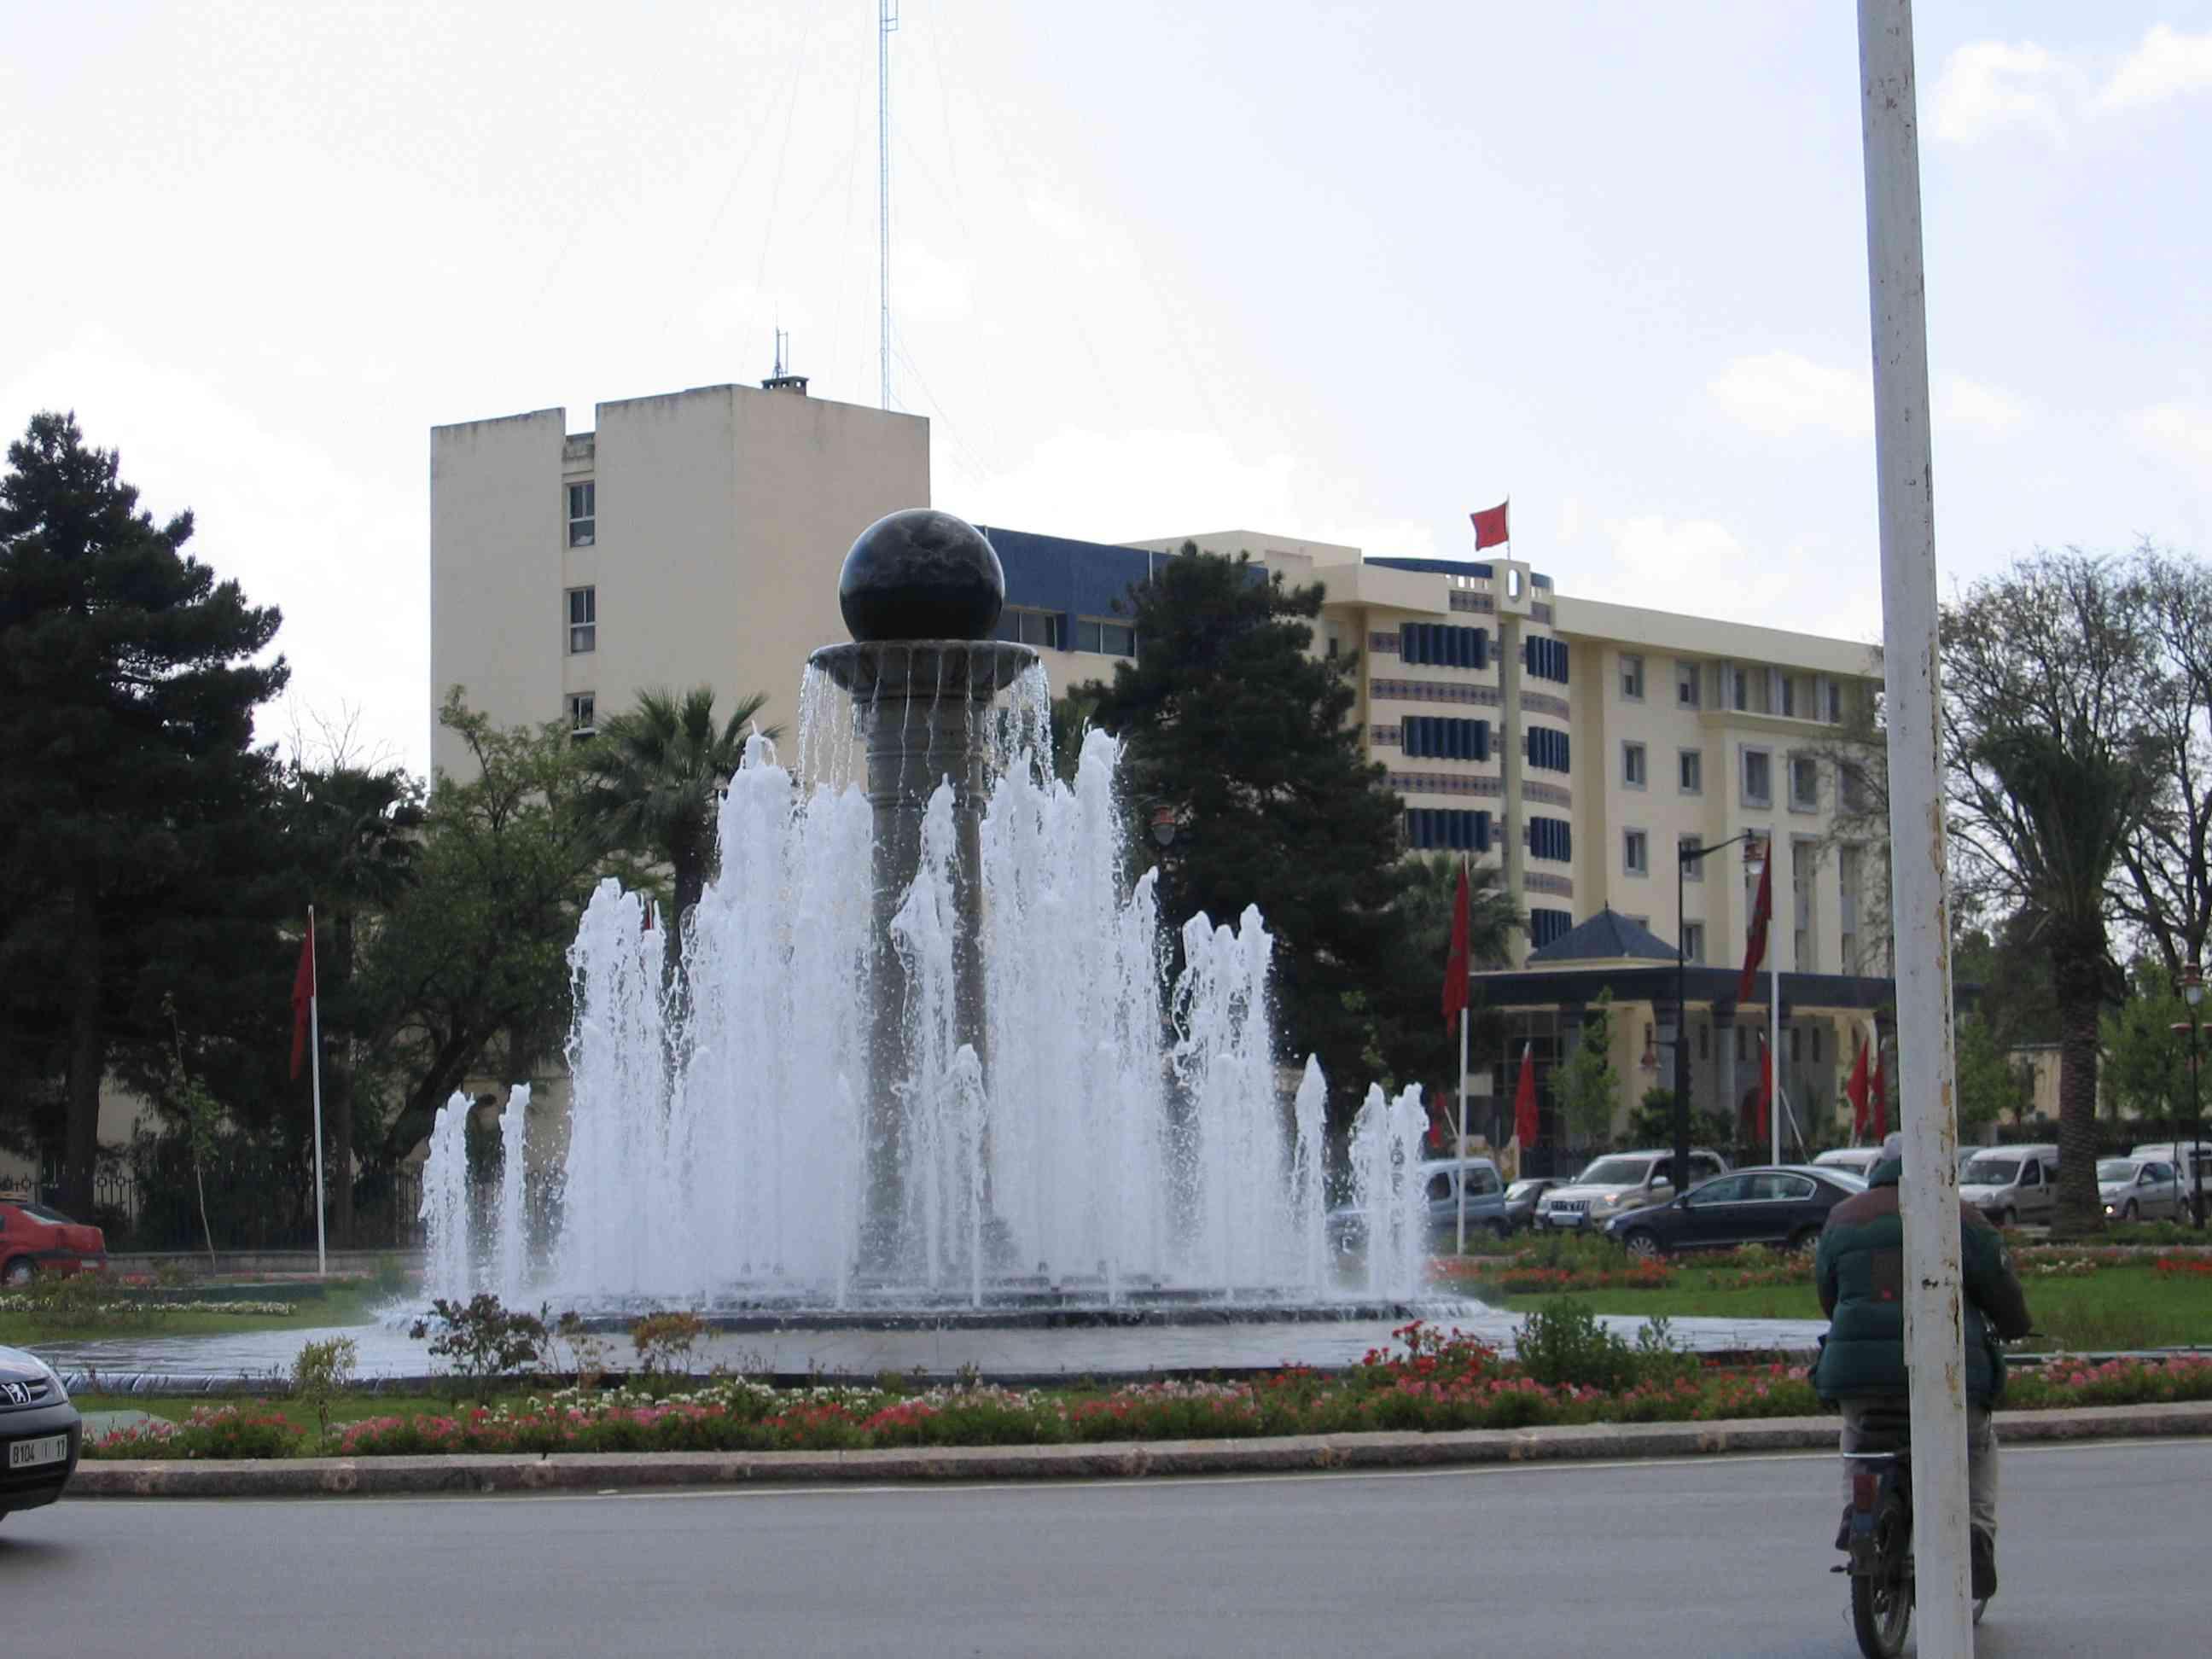 http://i21.servimg.com/u/f21/17/27/77/35/maroc_10.jpg